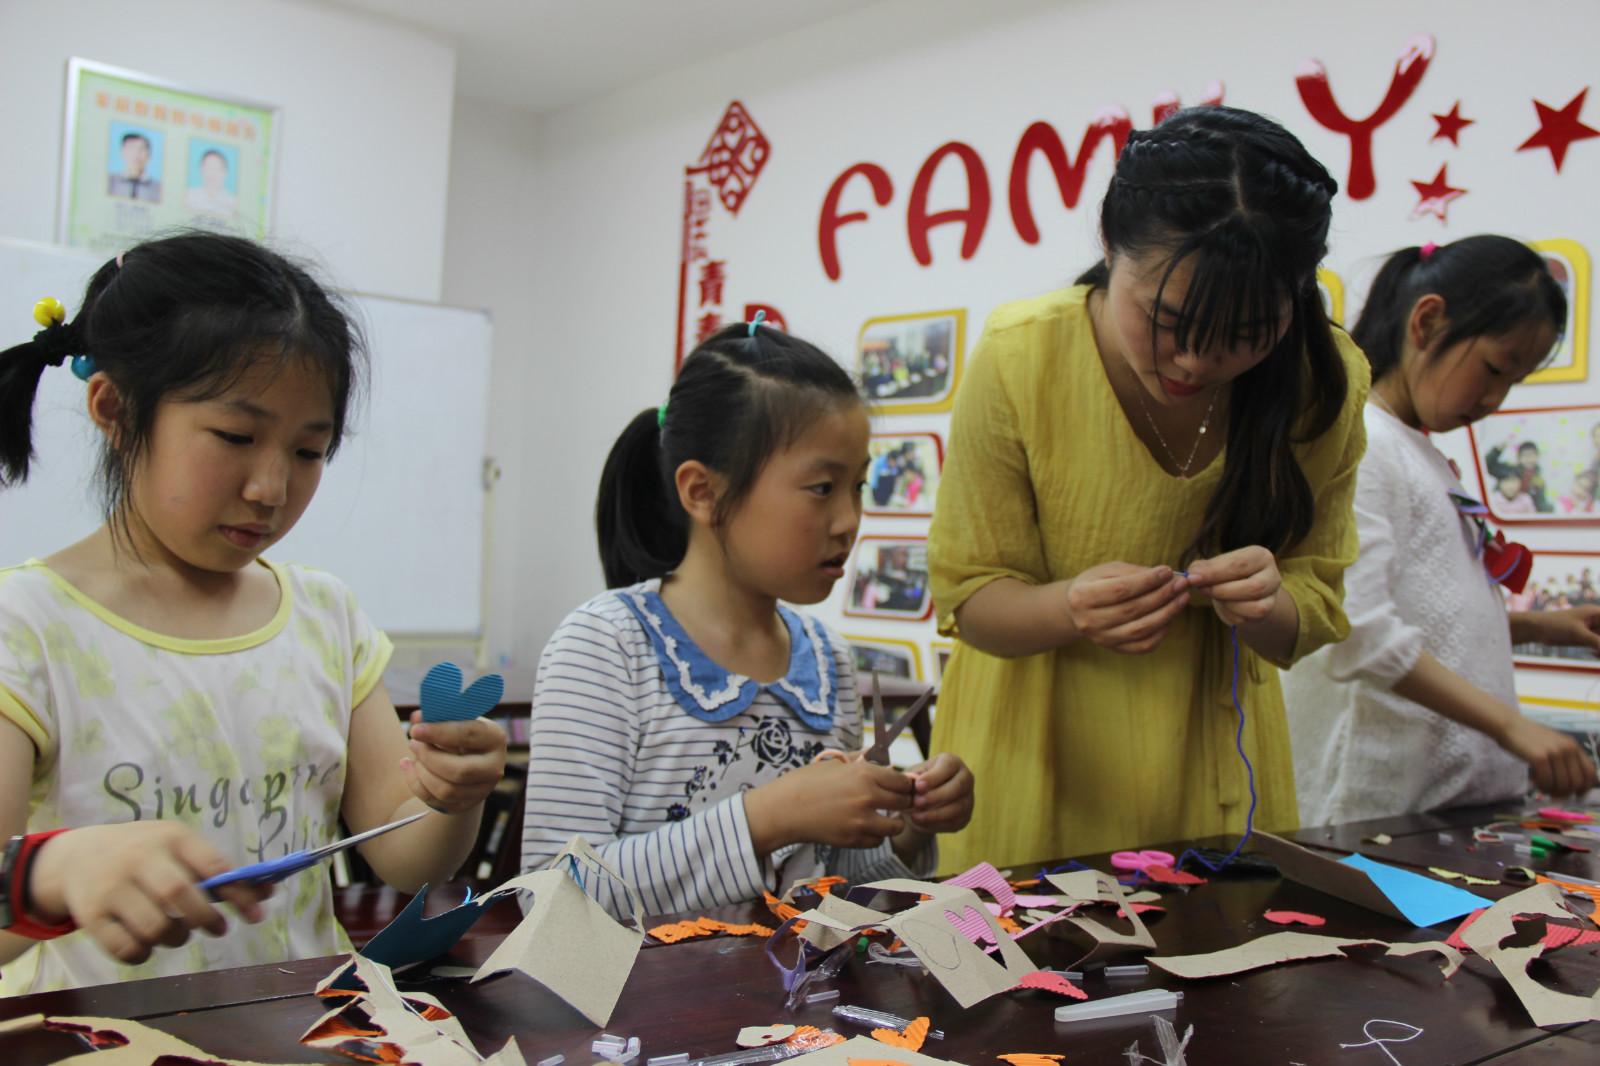 活动邀请了辖区欣星幼儿园老师来做志愿者,6位小学生报名参加.图片